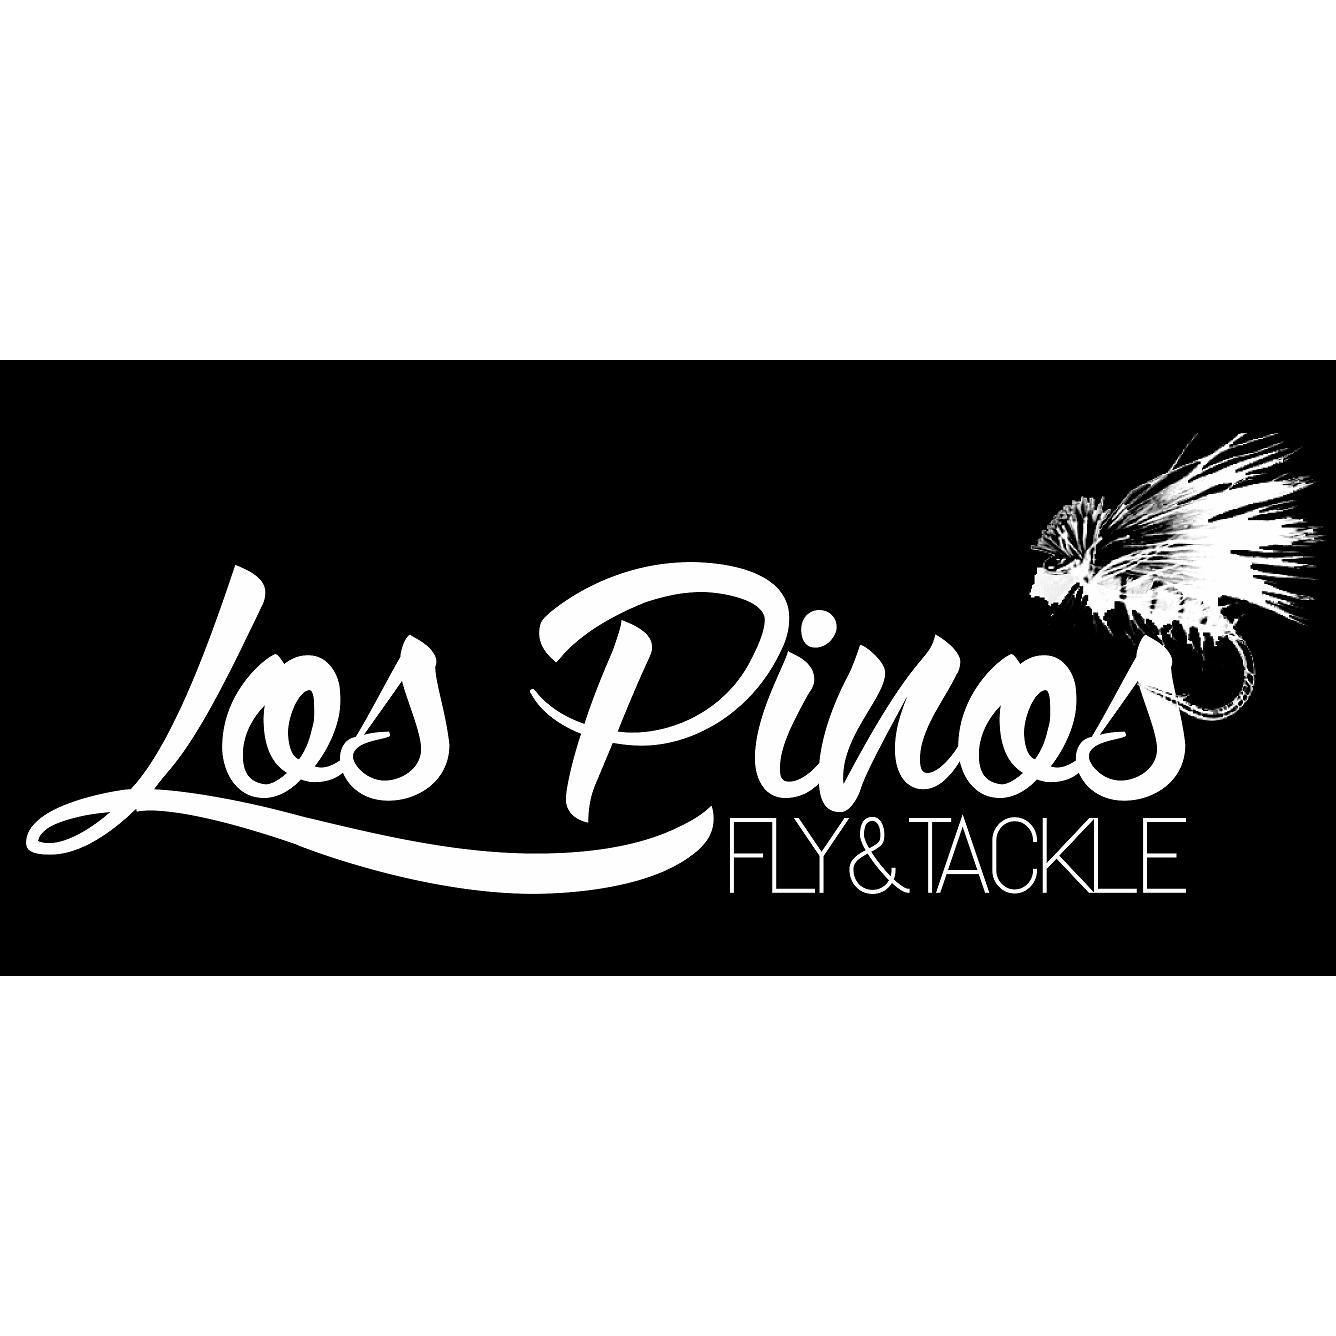 Los Pinos Fly & Tackle Shop - Albuquerque, NM - Fishing Tackle & Supplies